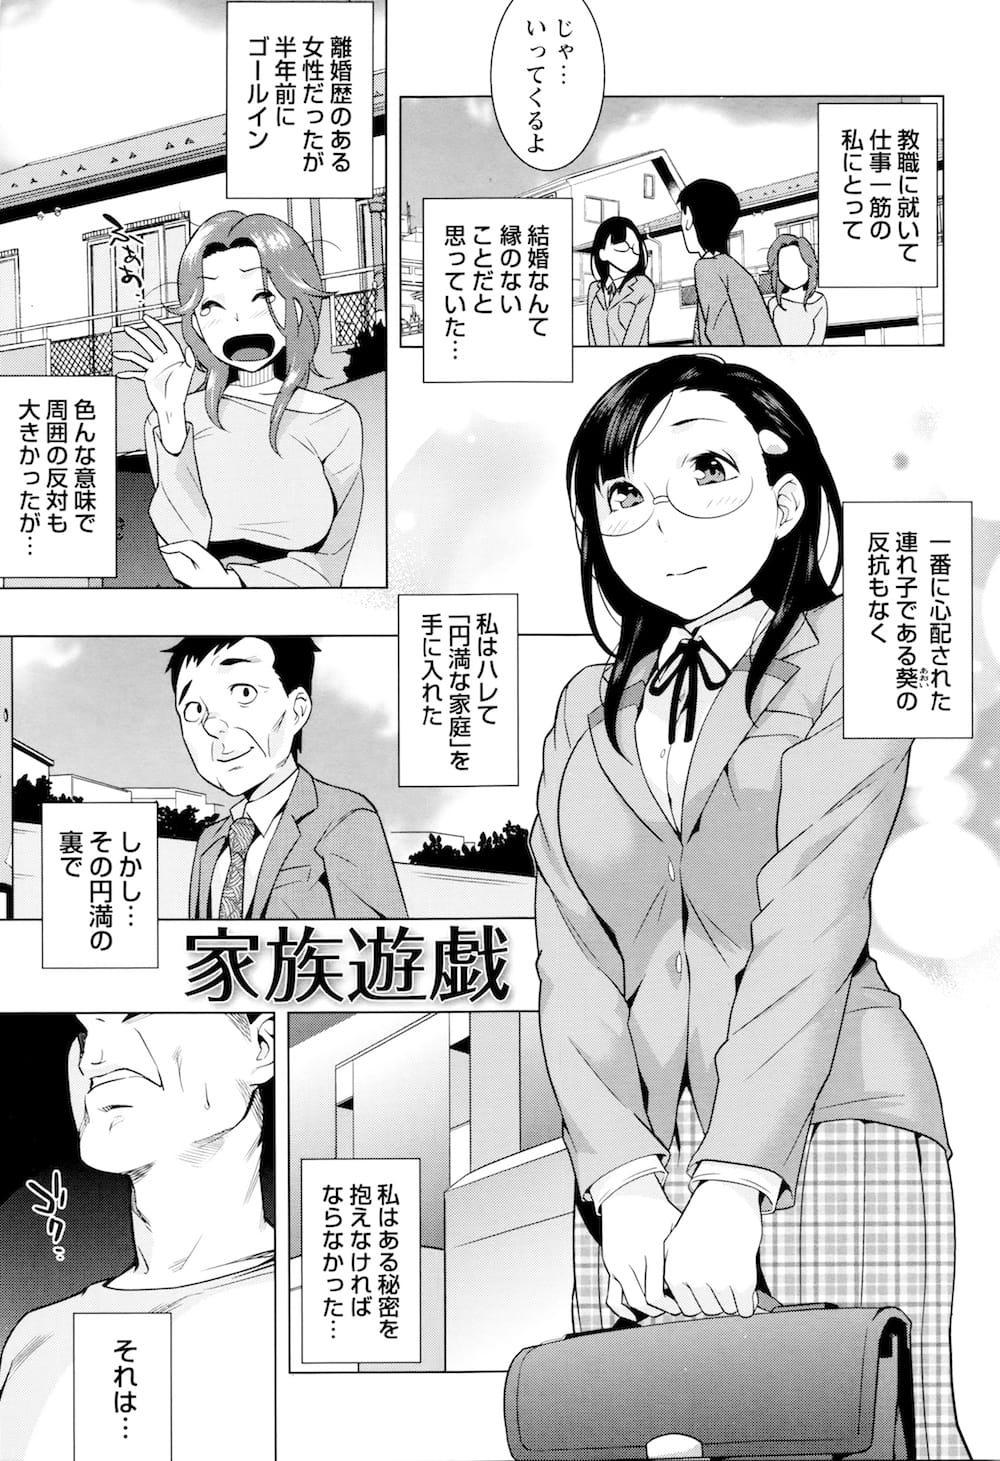 【エロ漫画】連れ子のいる女性と結婚した男が義娘に調教されて、遊びだからと言われお風呂で義親子セックスしてしまう! 001